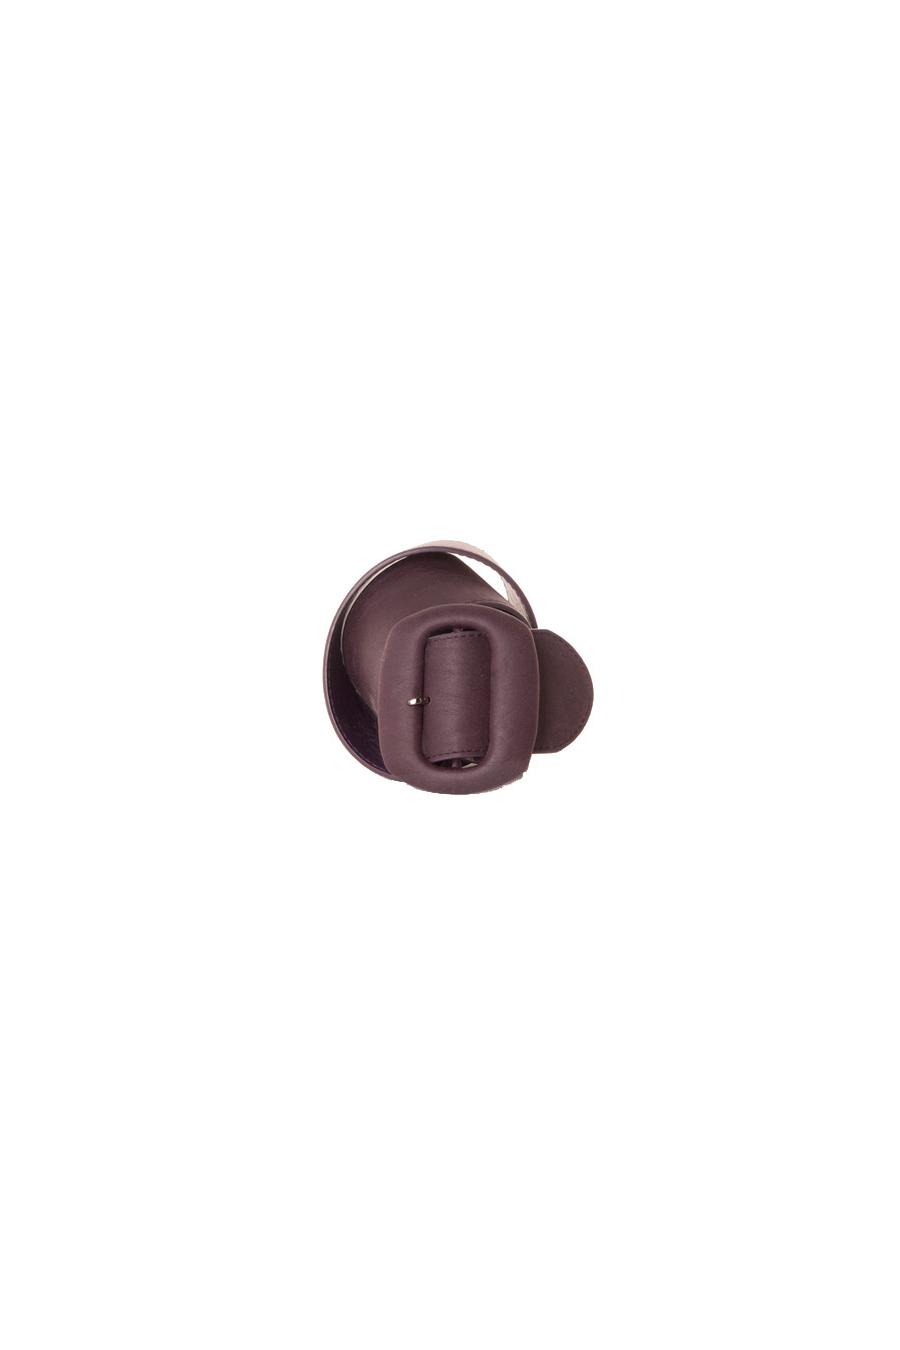 Zeer mooie Choco riem. Damesmode en accessoires tegen lage prijzen 543148.